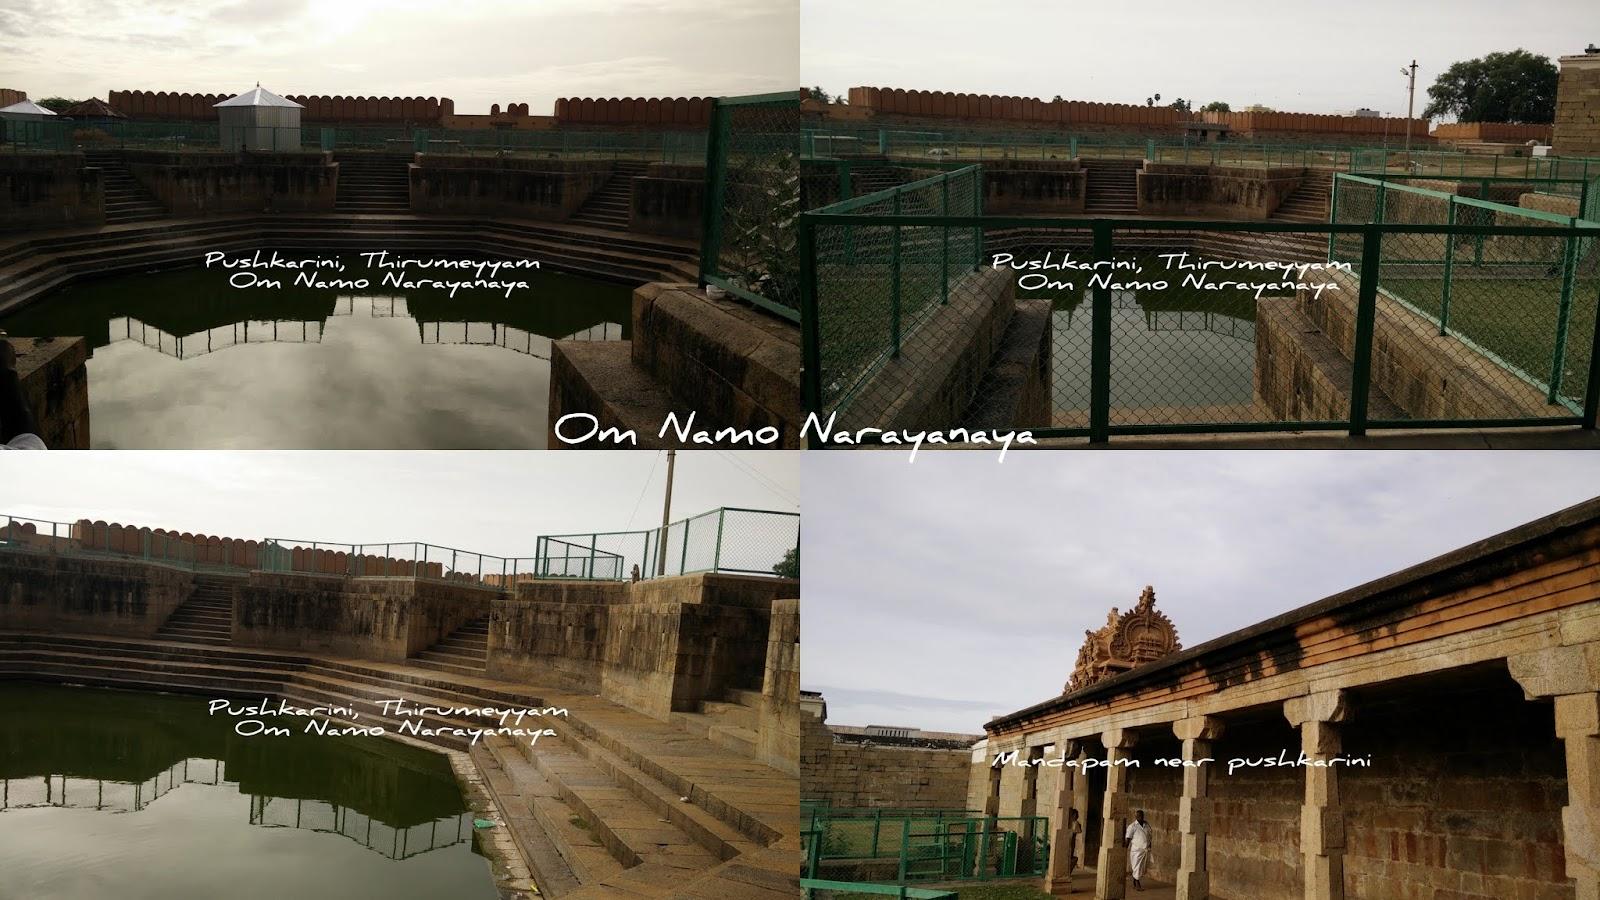 108 திவ்யதேசம், TEMPLE VISITS, கண்ணுக்கினியன கண்டோம், பாண்டியநாடு திவ்யதேசம்,